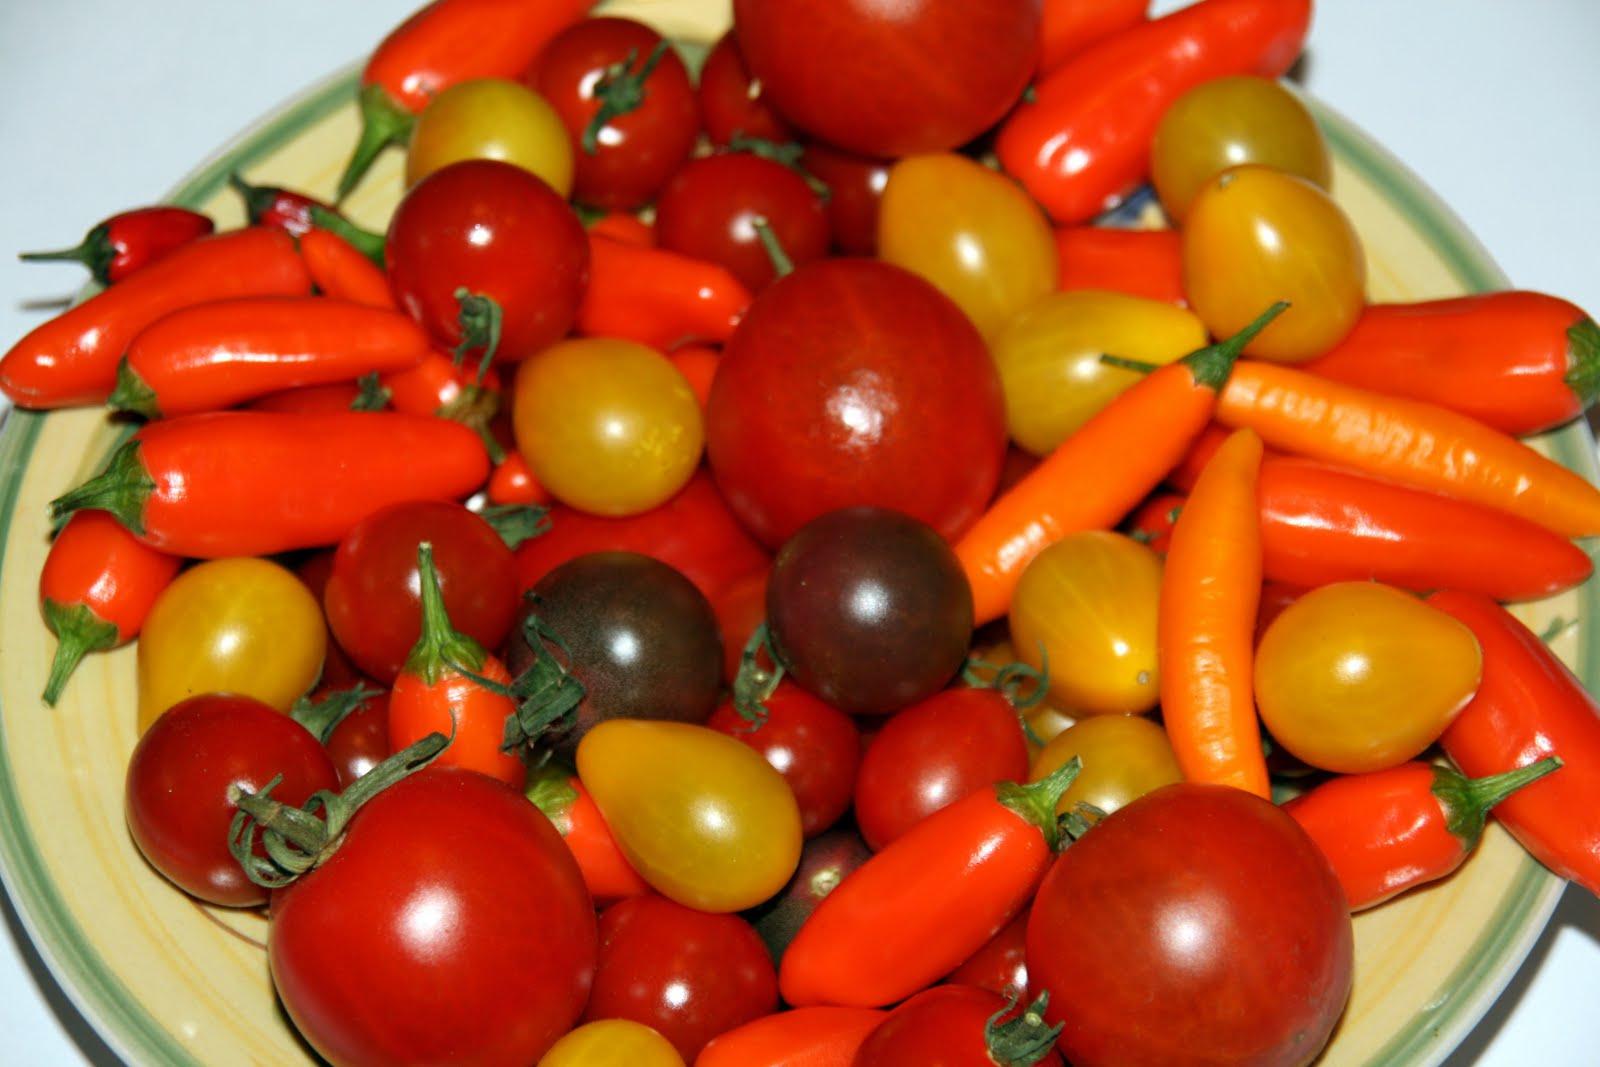 seifens chtig und mehr tomaten und chilisamen abzugeben. Black Bedroom Furniture Sets. Home Design Ideas